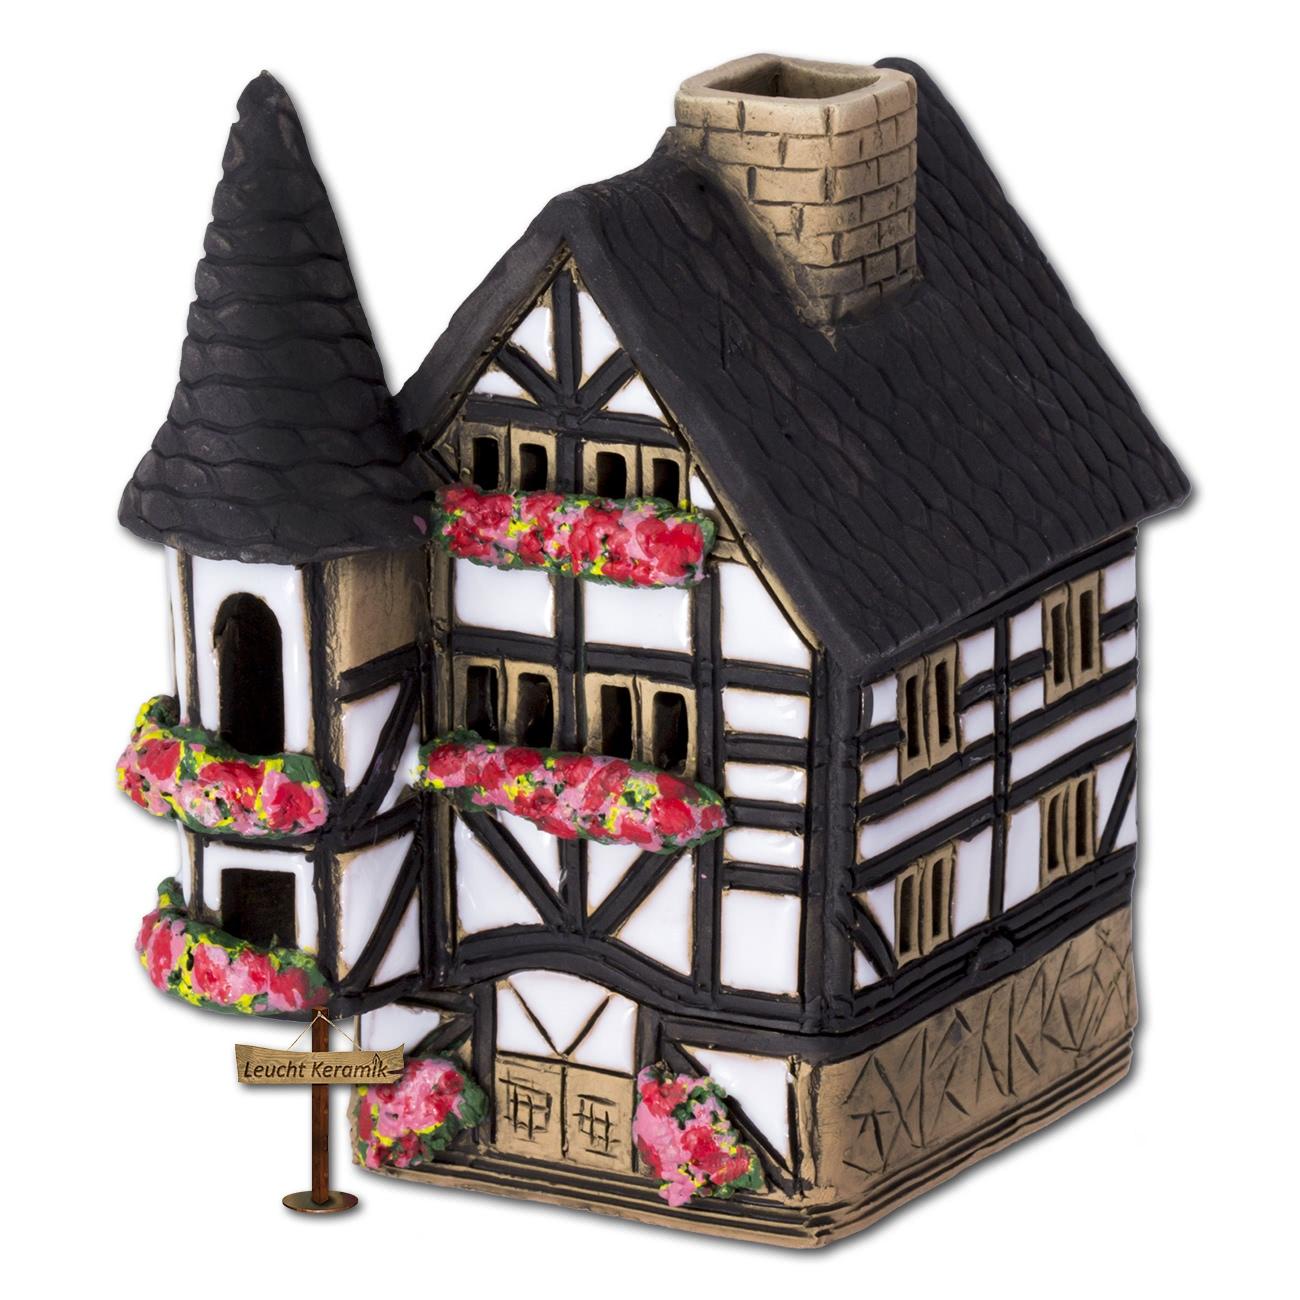 lichthaus fachwerkh uschen wei original leuchtkeramik dkh07w ebay. Black Bedroom Furniture Sets. Home Design Ideas